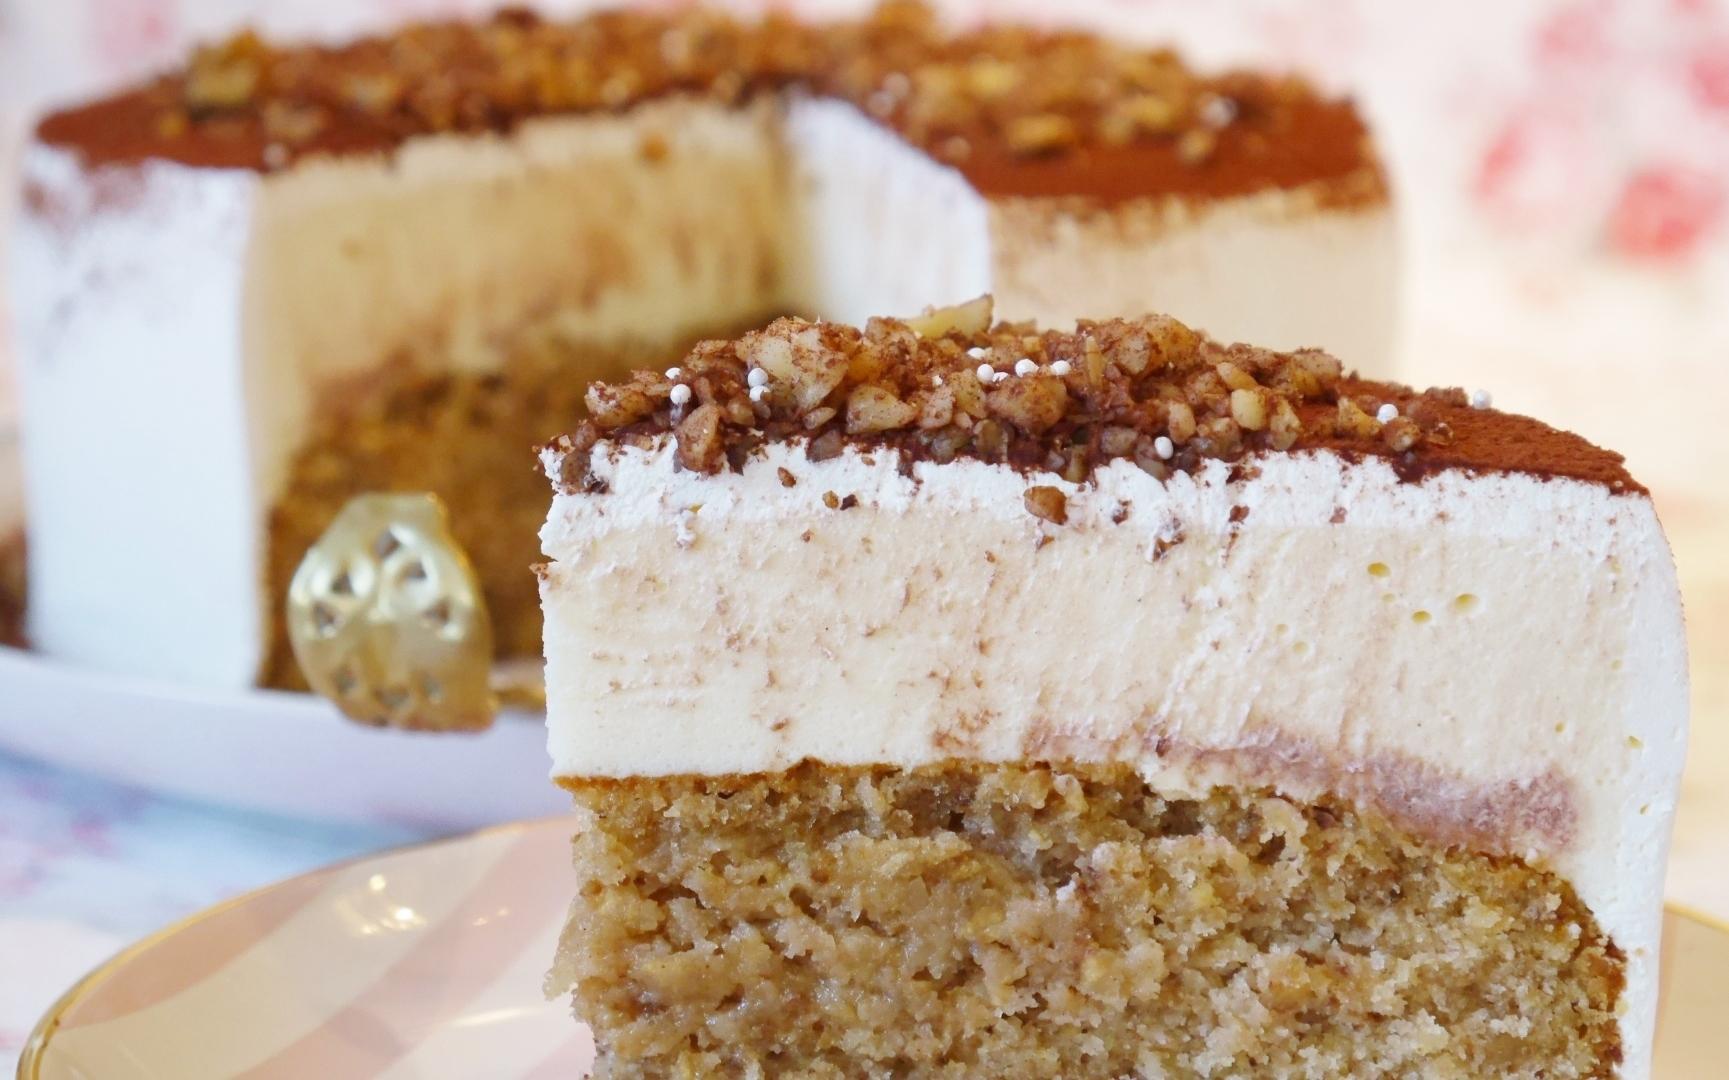 Karamell walnuss torte